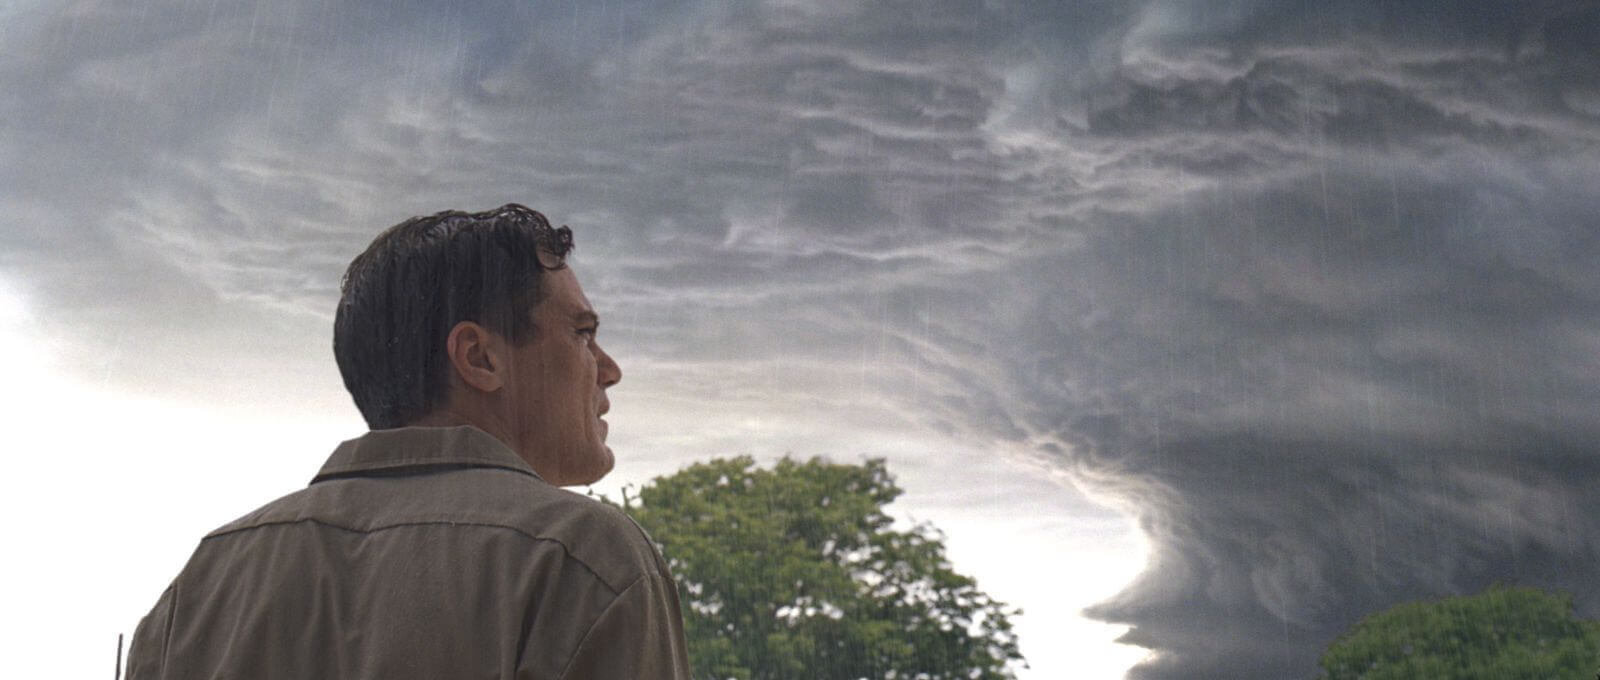 take shelter film angående delirium